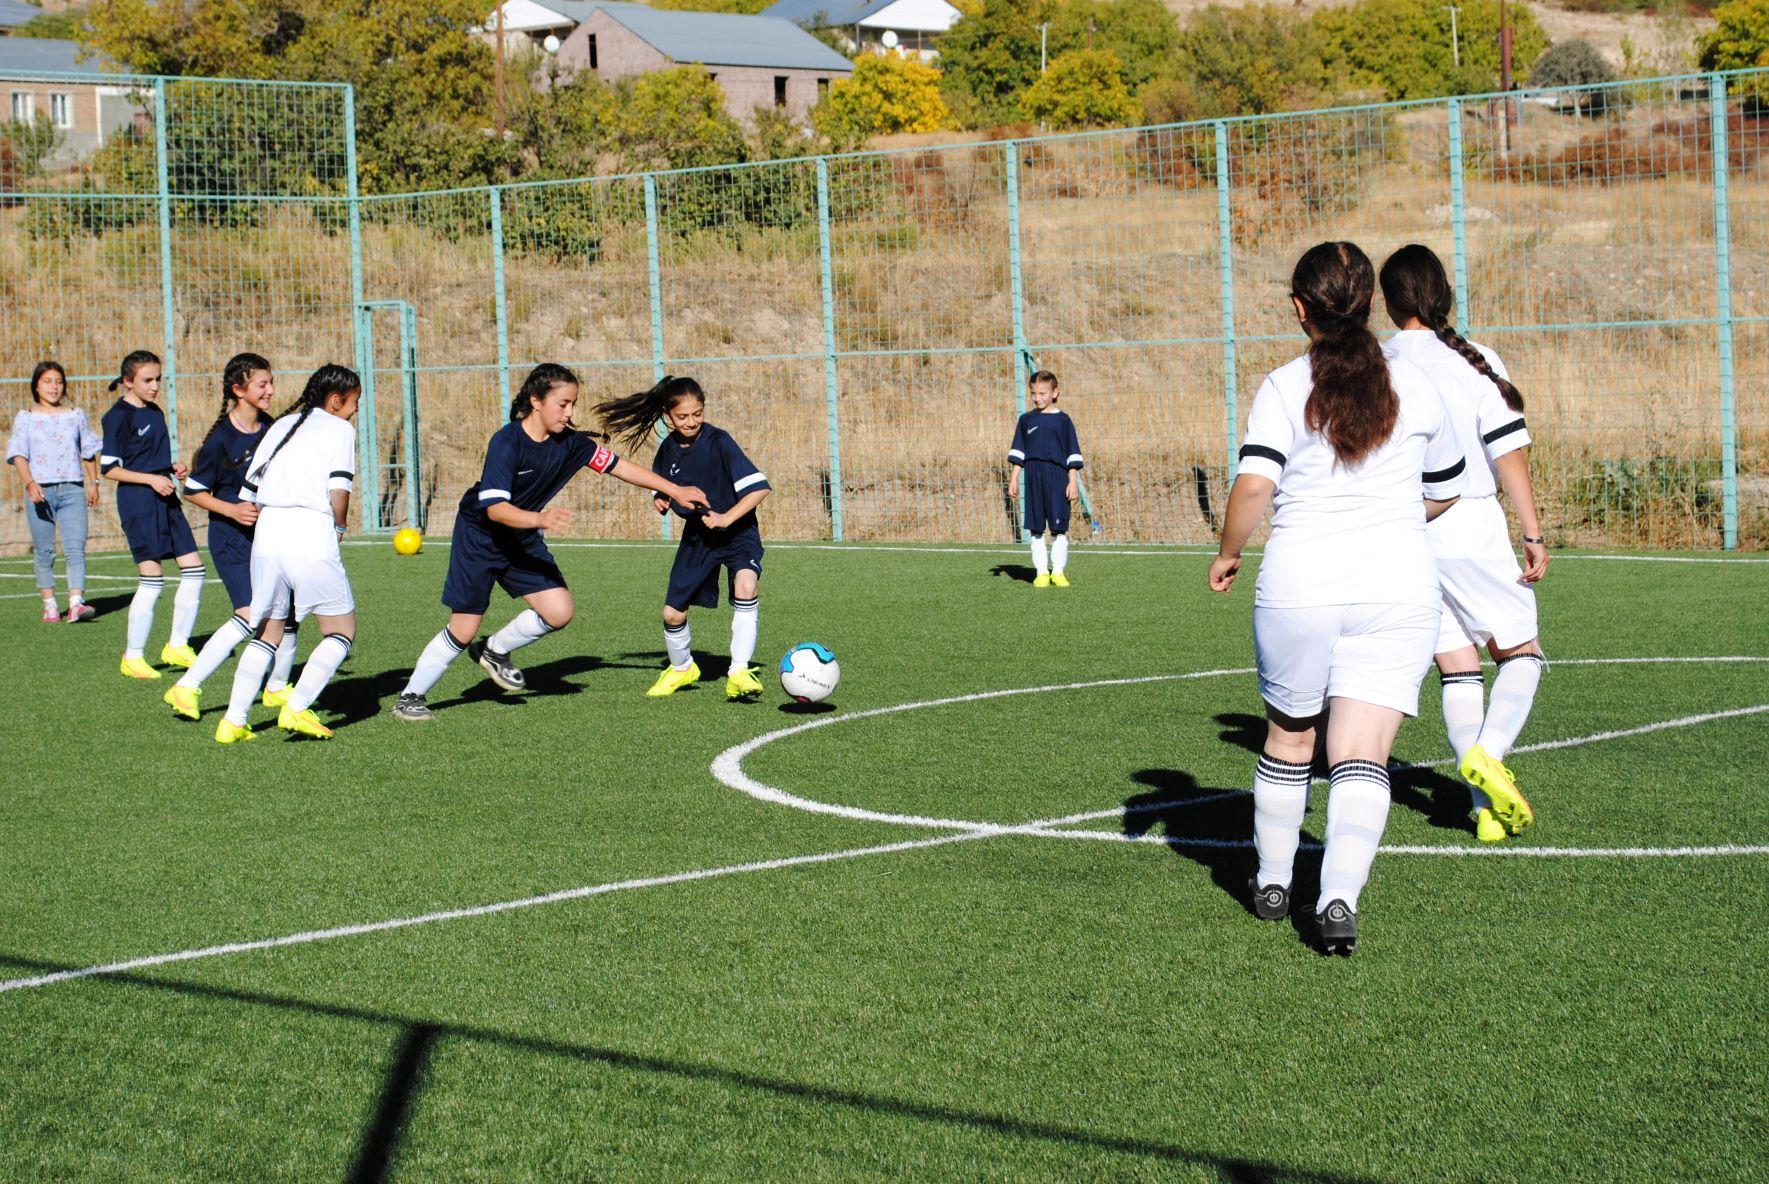 The girls' football team of Khachik.